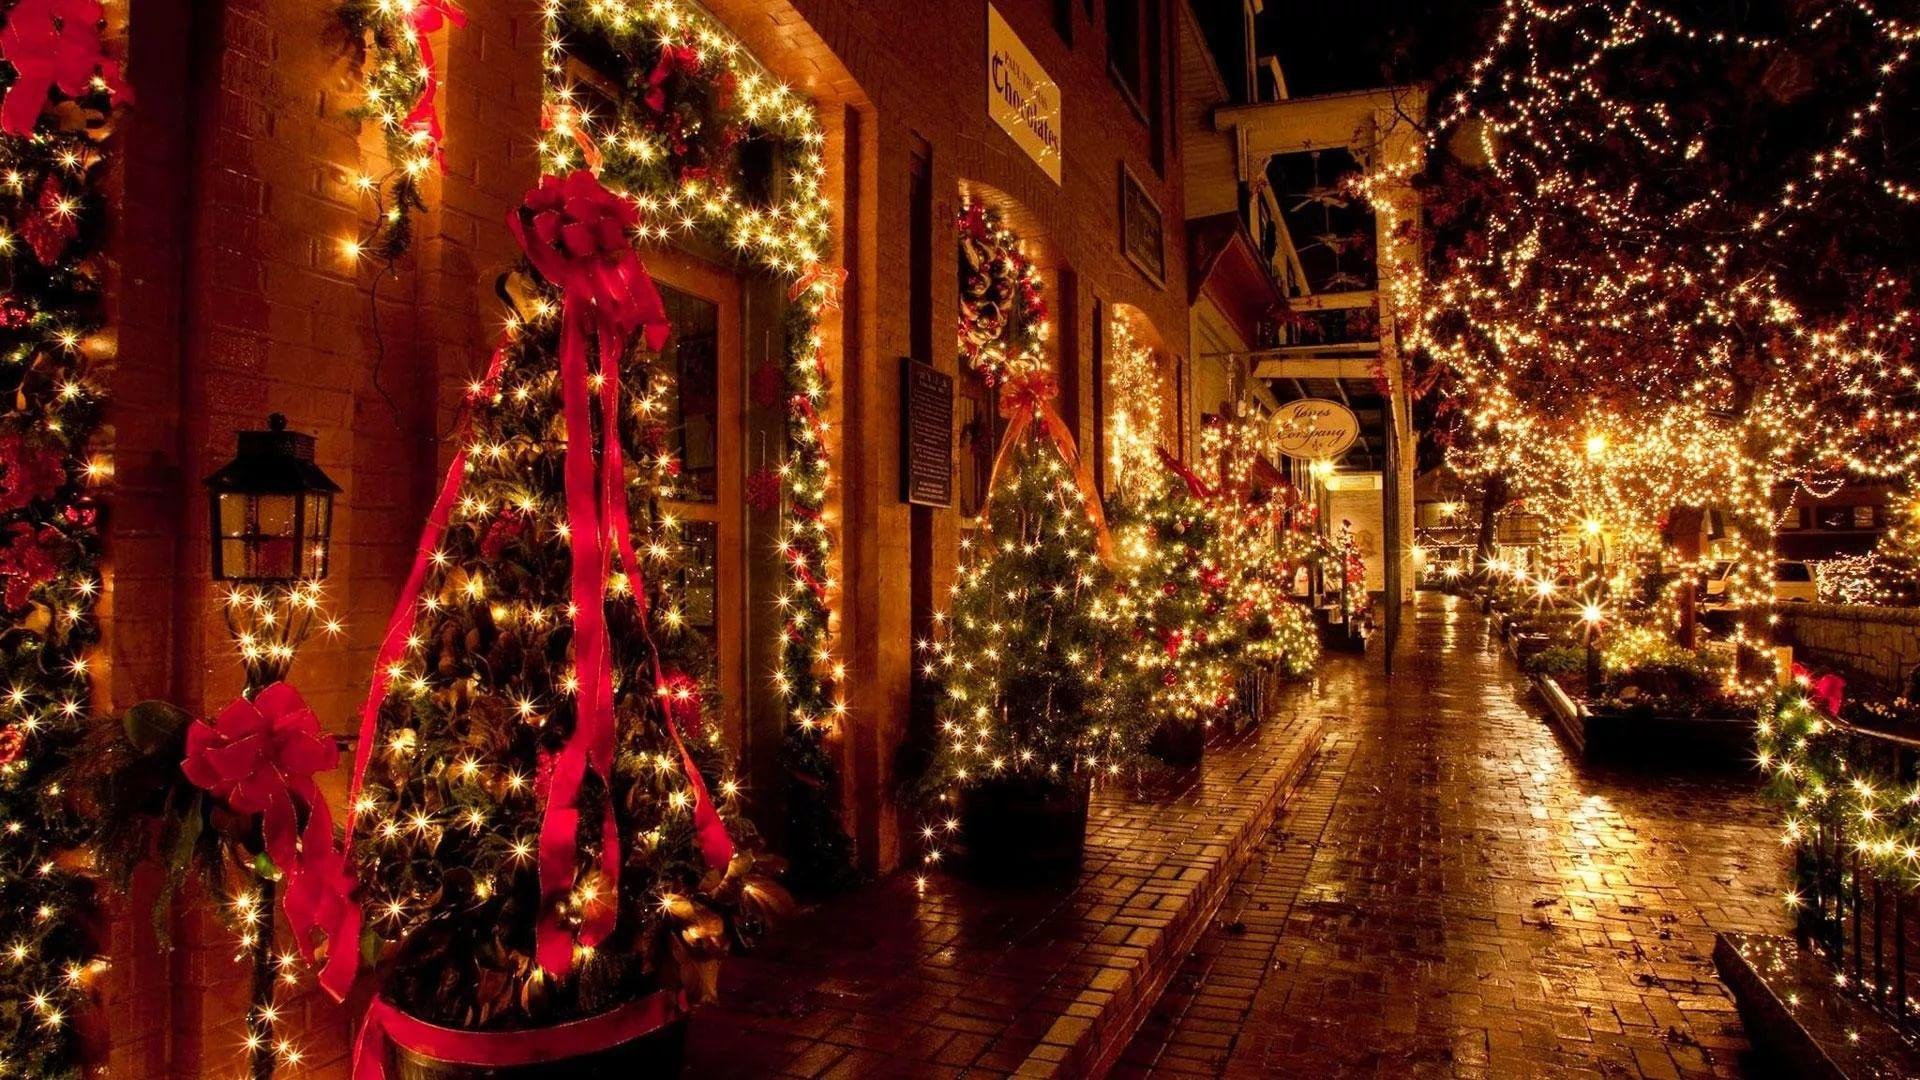 Christmas Lights Wallpapers , Top Free Christmas Lights